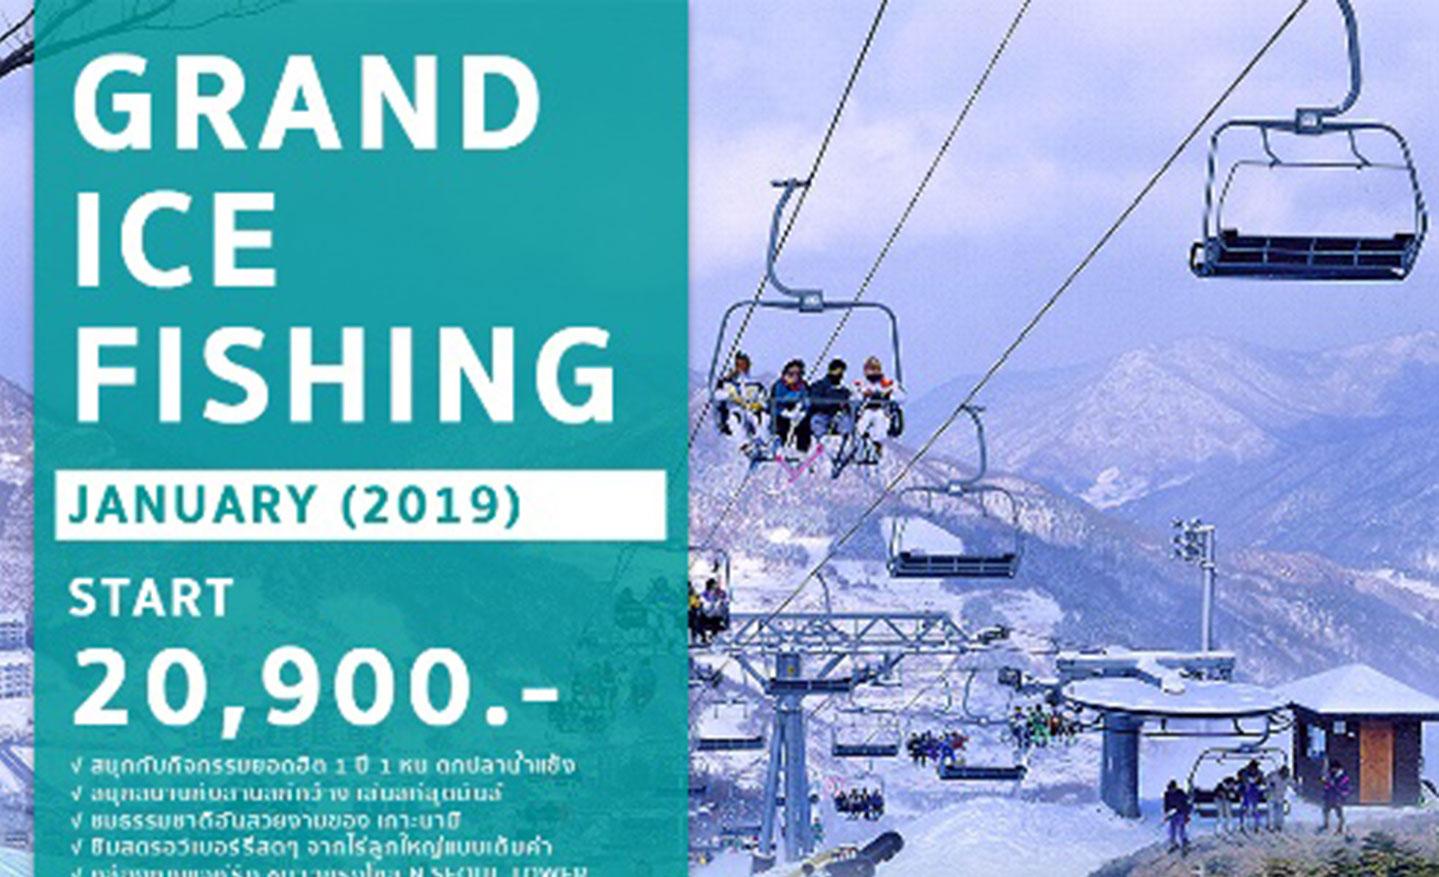 ทัวร์เกาหลี Korea Grand Ice Fishing (ม.ค.19)